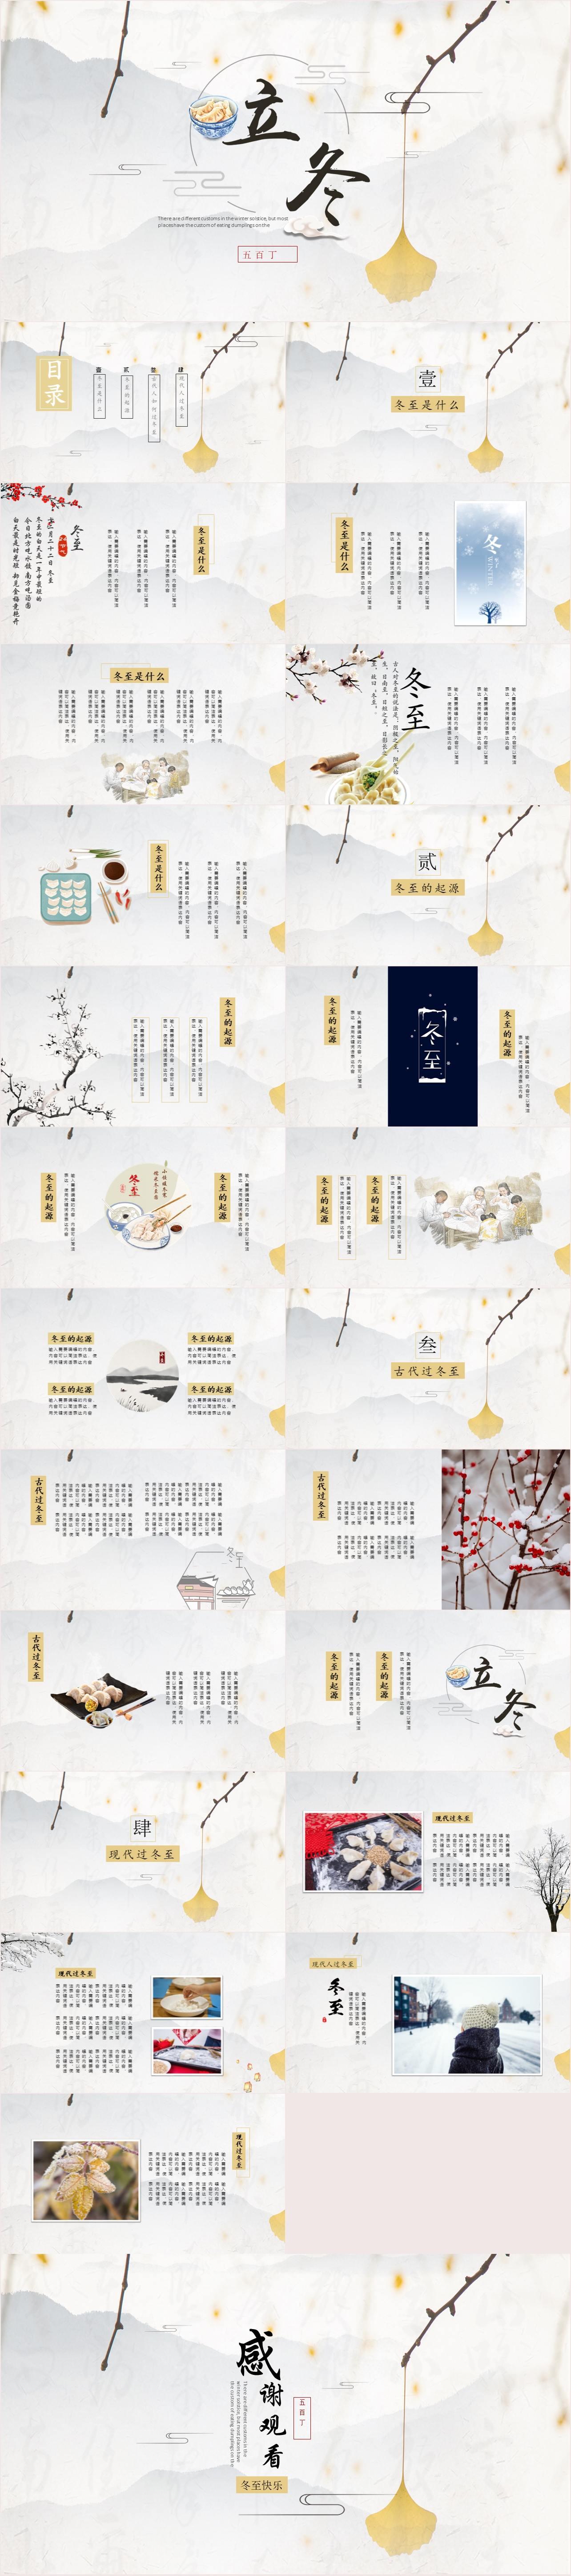 黄色清新中国风教育冬至传统节日PPT模板.jpg